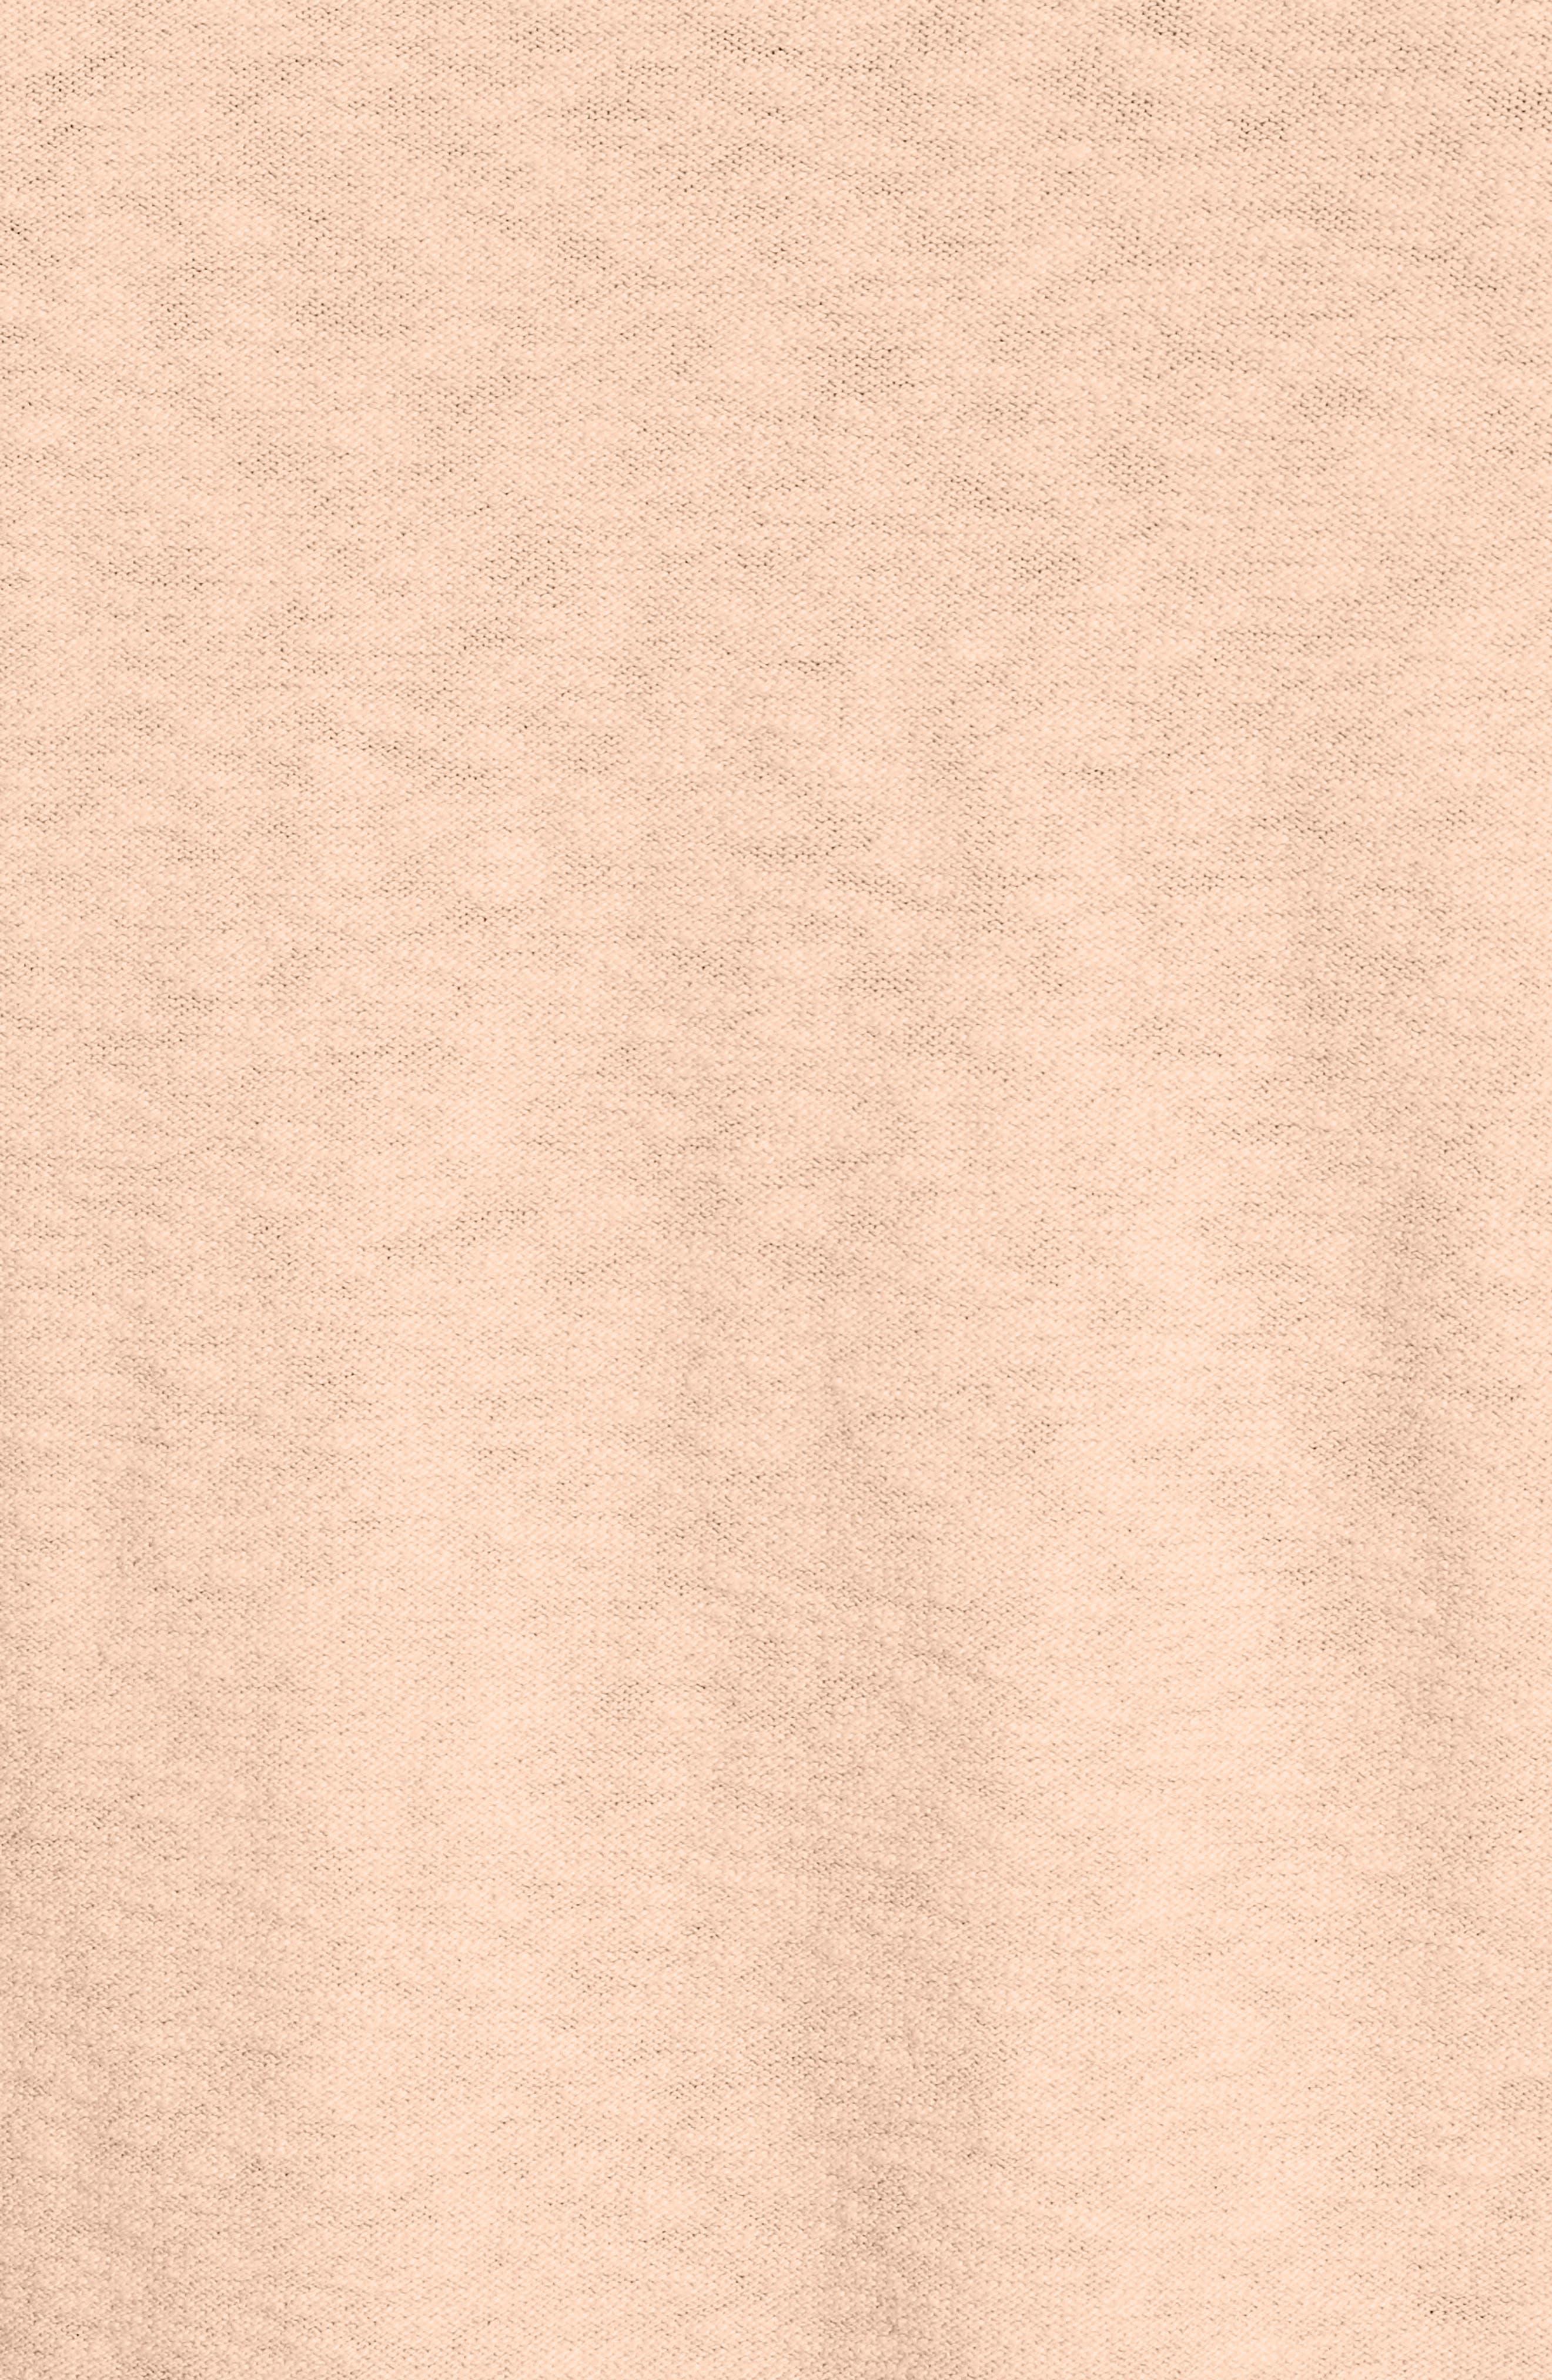 Garment Dyed Cotton Blend Sweatshirt,                             Alternate thumbnail 5, color,